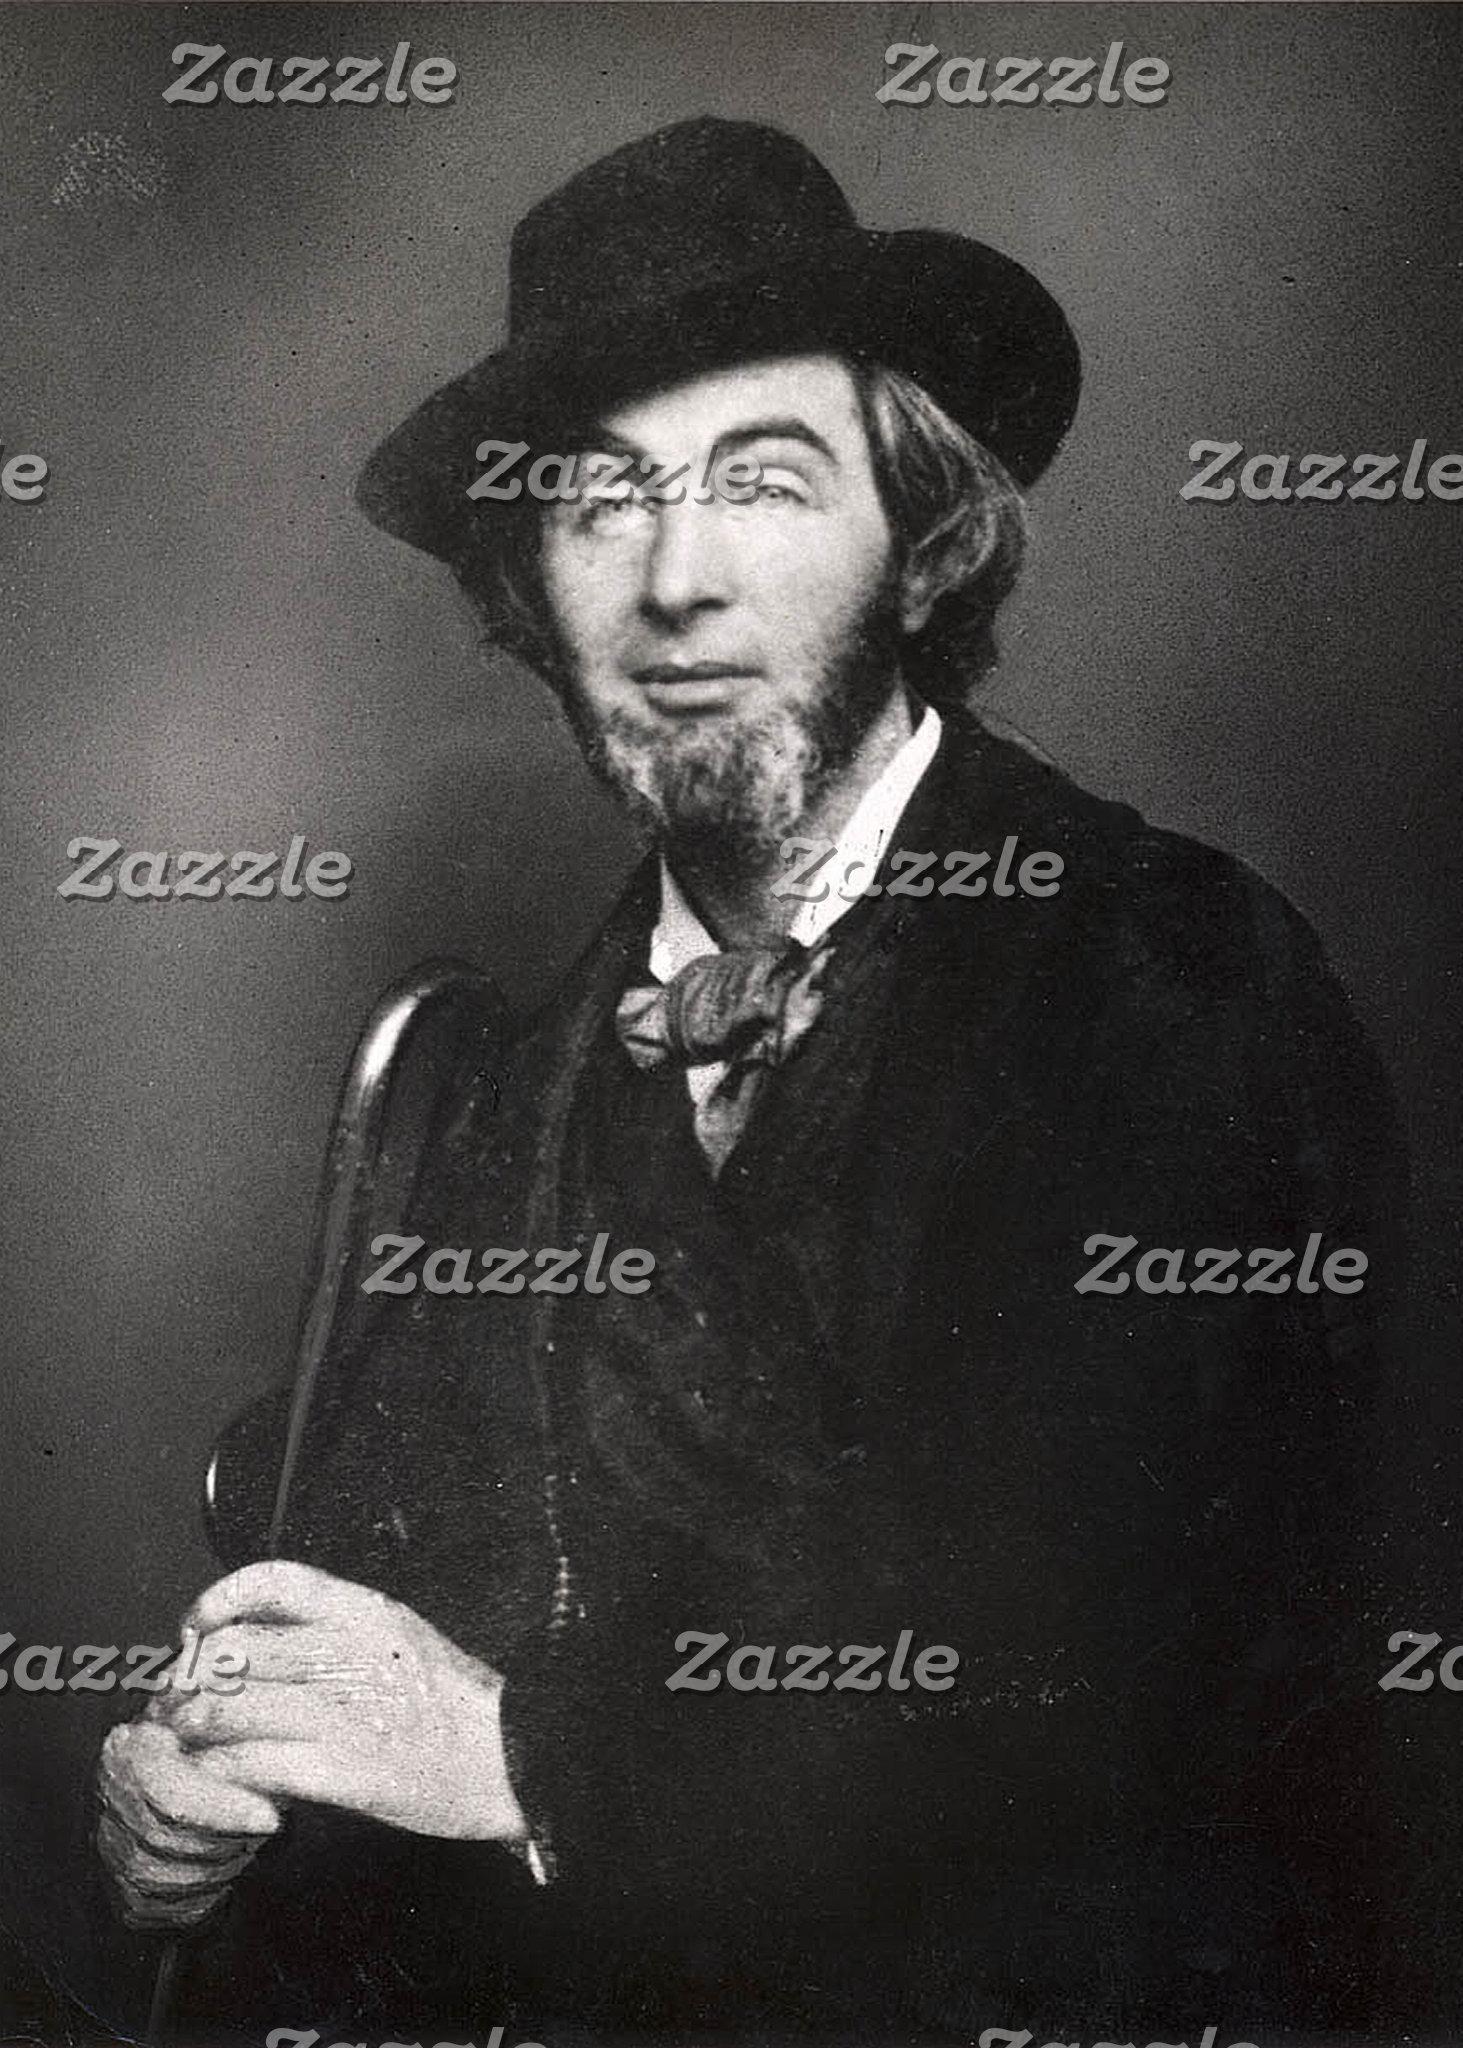 Early Whitman in NY